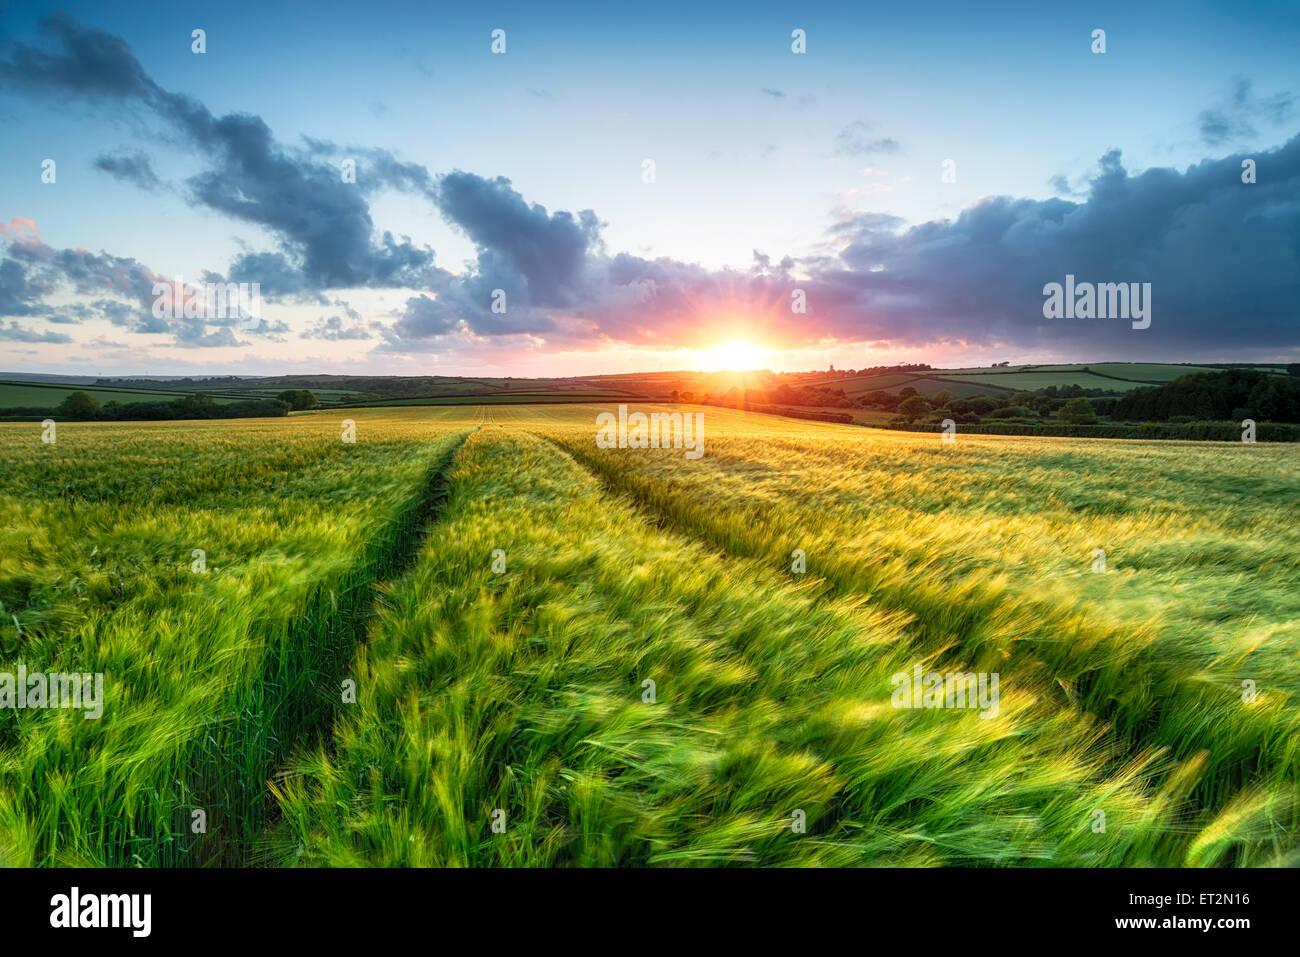 Tramonto su terreni agricoli con orzo soffiando nel vento Immagini Stock